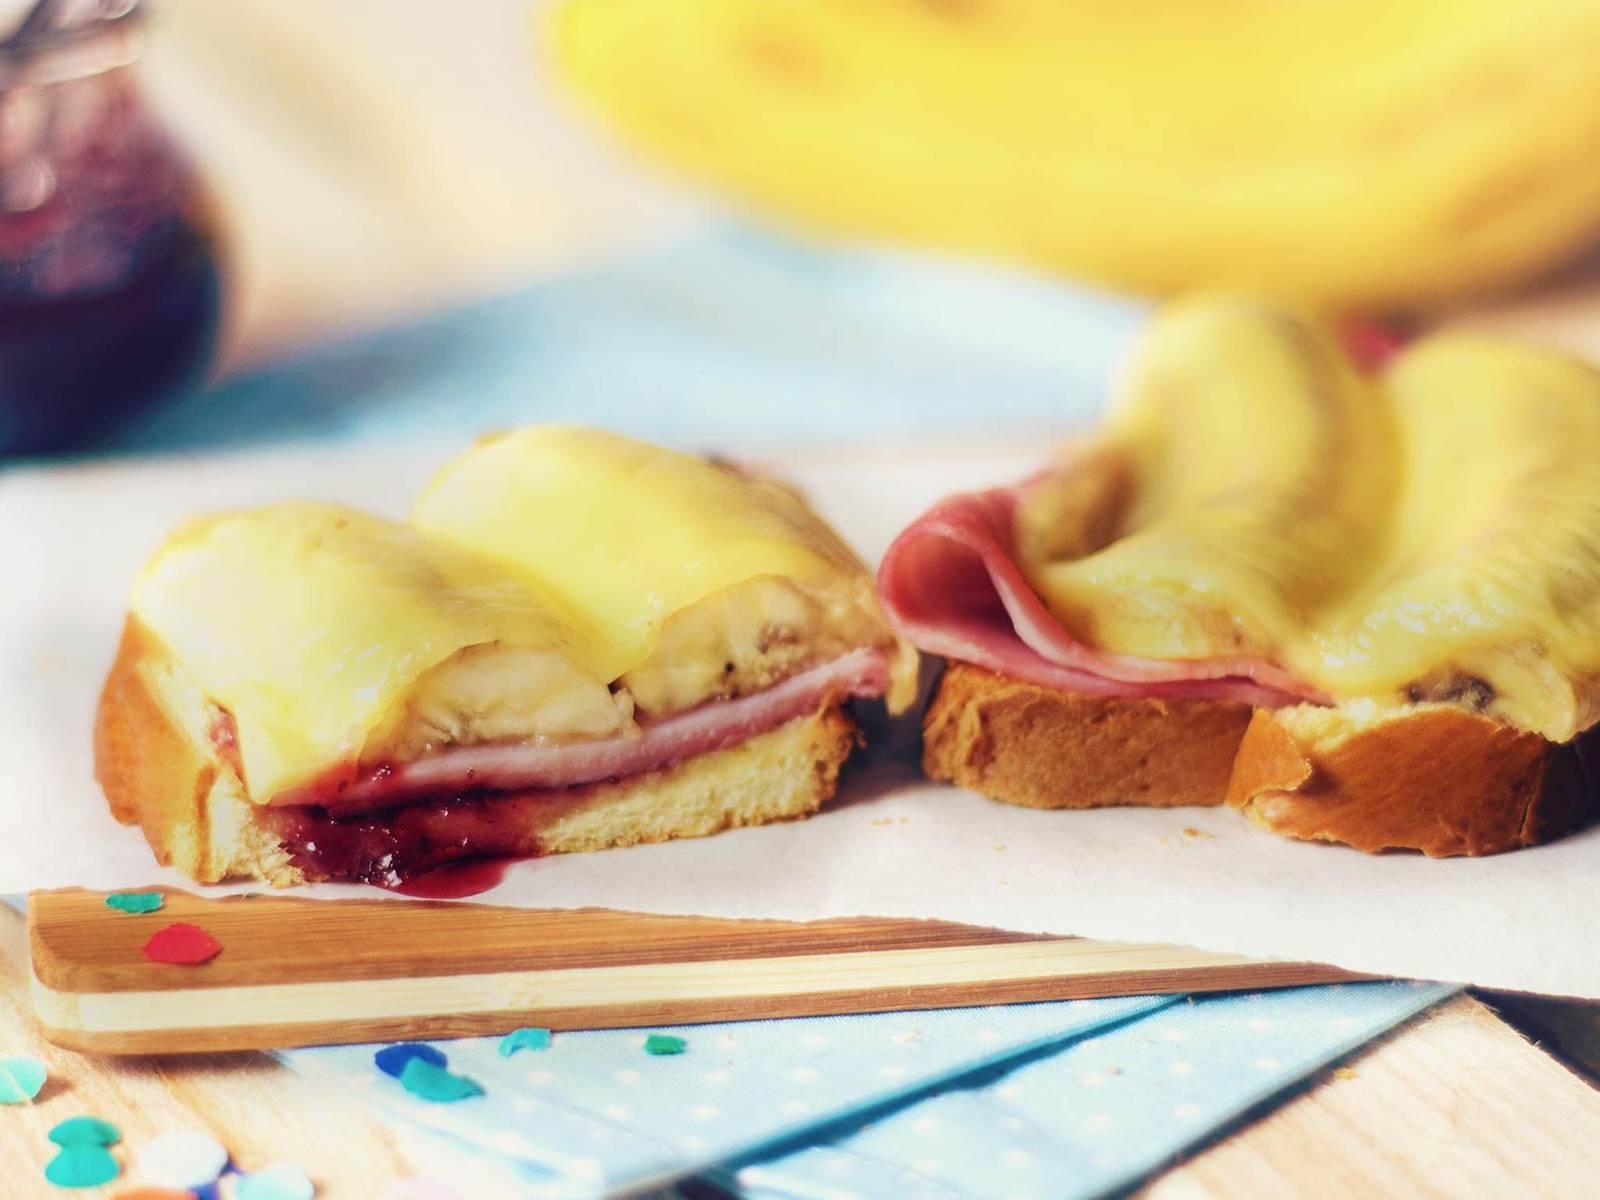 香蕉吐司配蔓越莓果酱